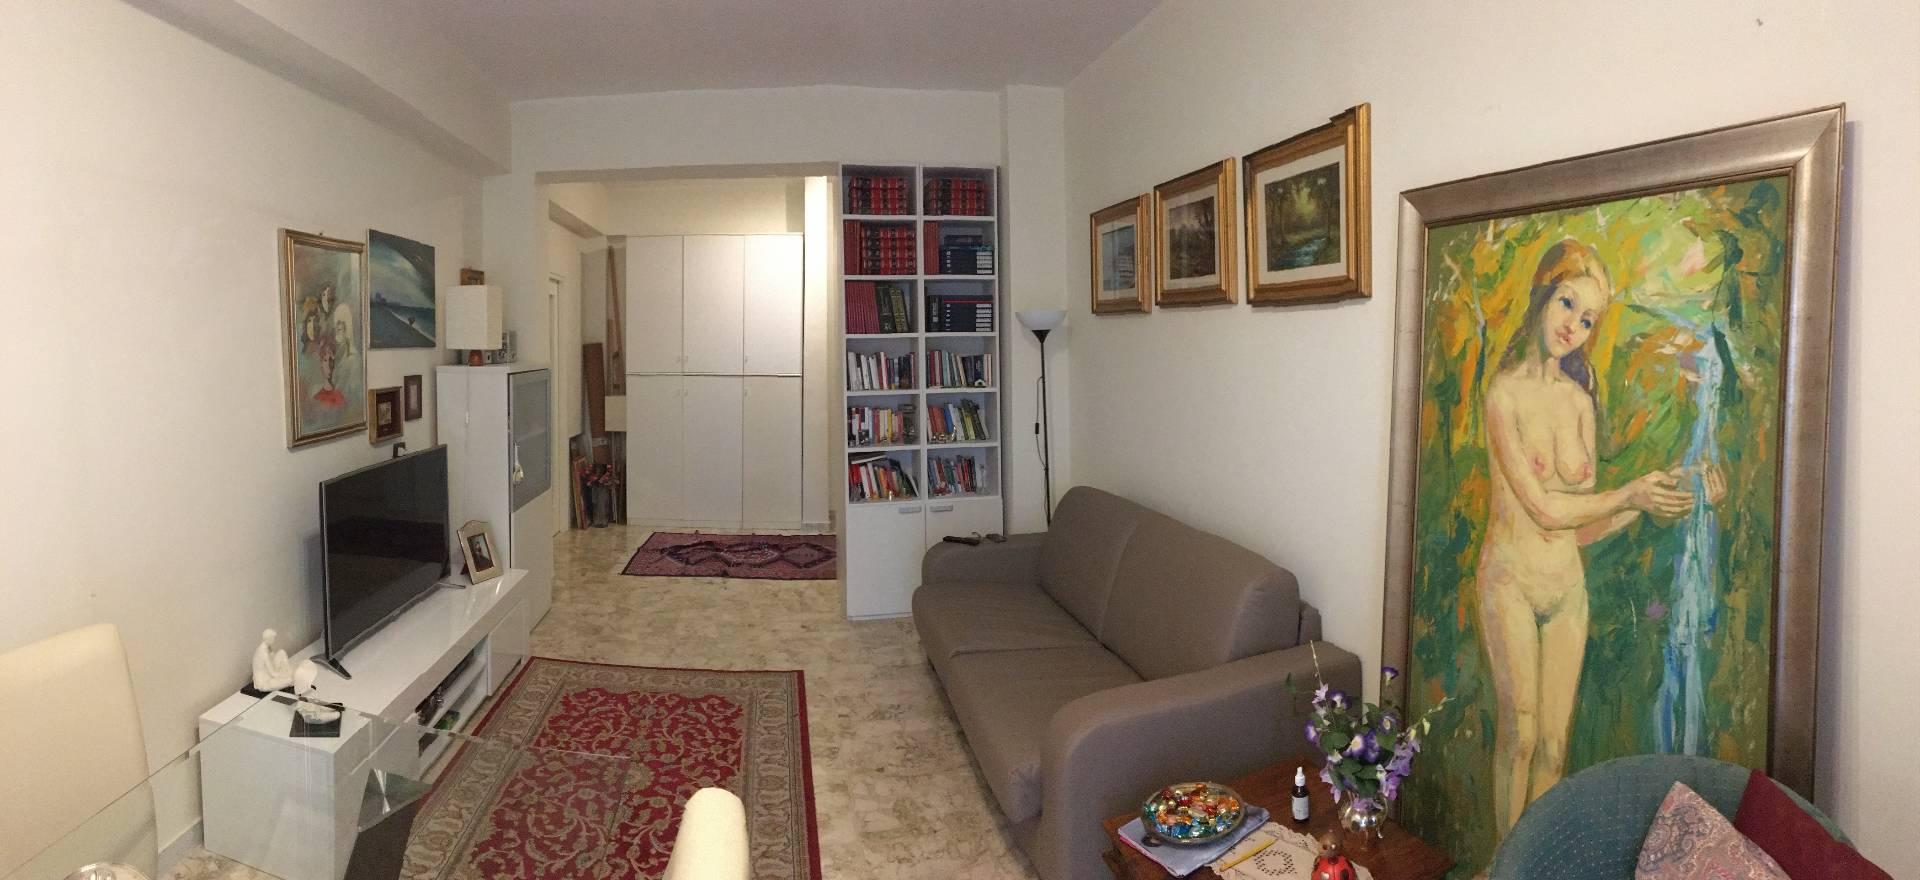 Appartamento in vendita a Catanzaro, 3 locali, zona Località: VialeDeFilippis, prezzo € 110.000 | CambioCasa.it